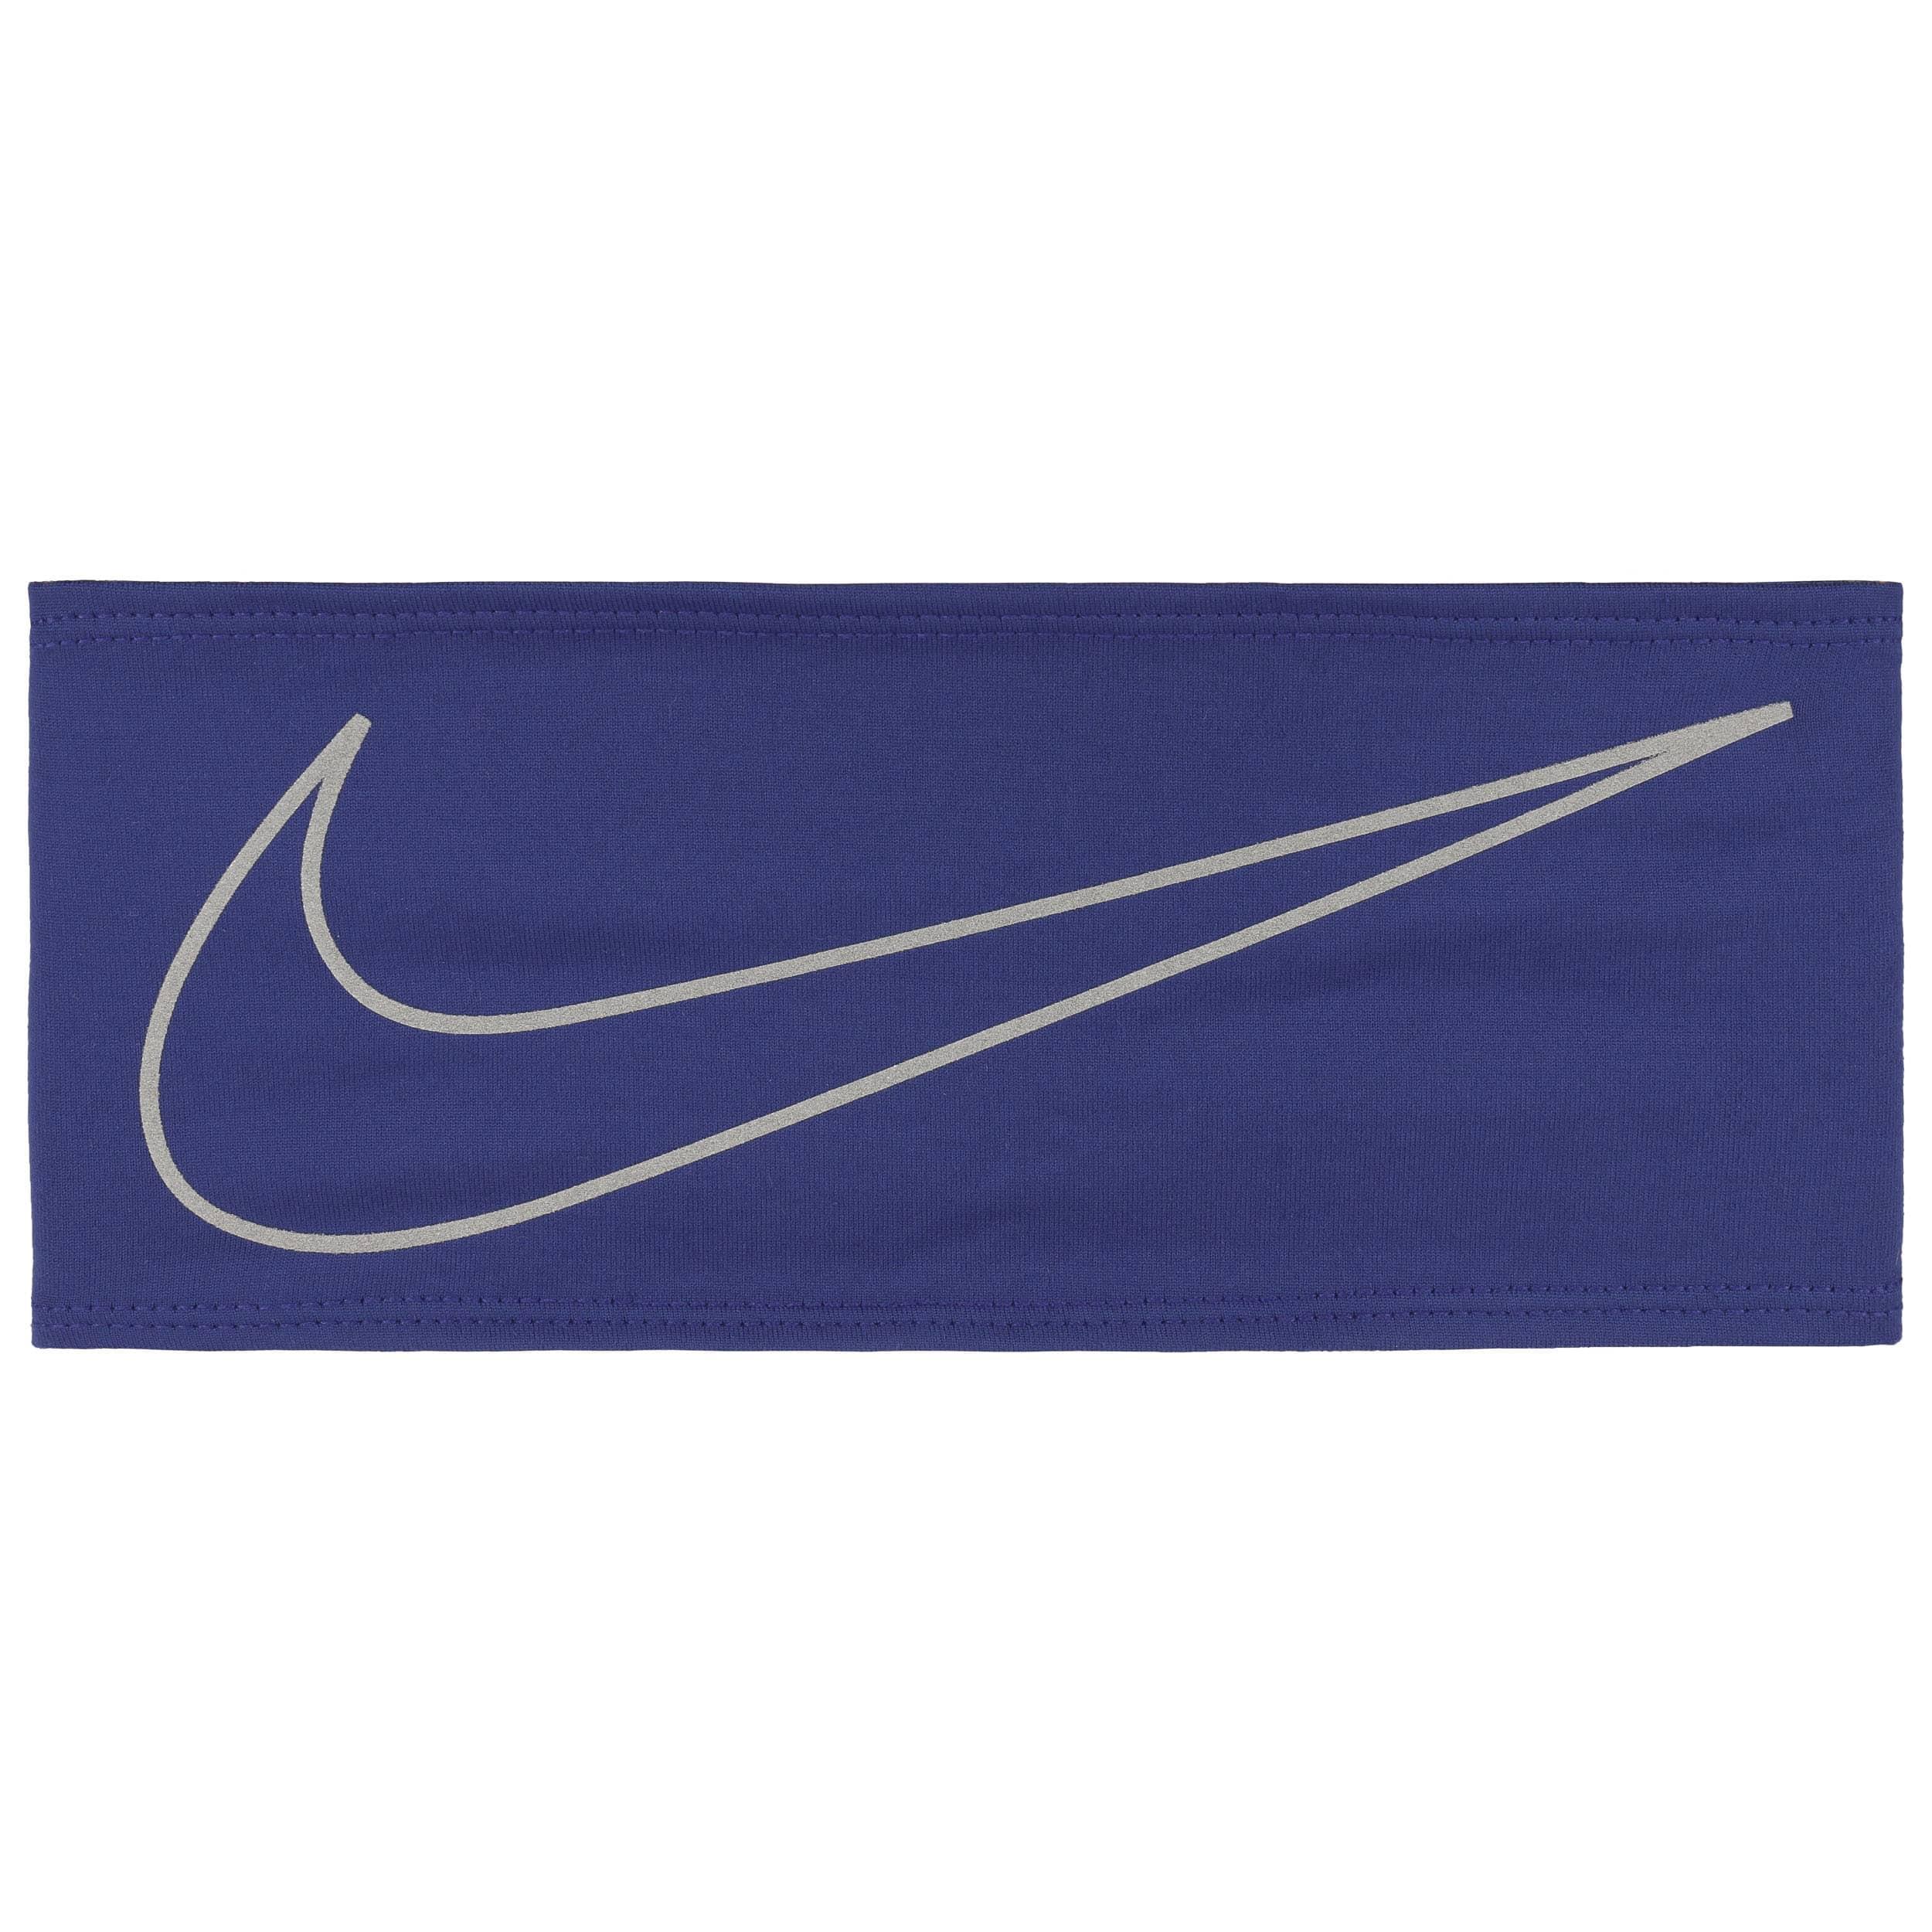 Fascia da Corsa Nike Dri-Fit Swoosh